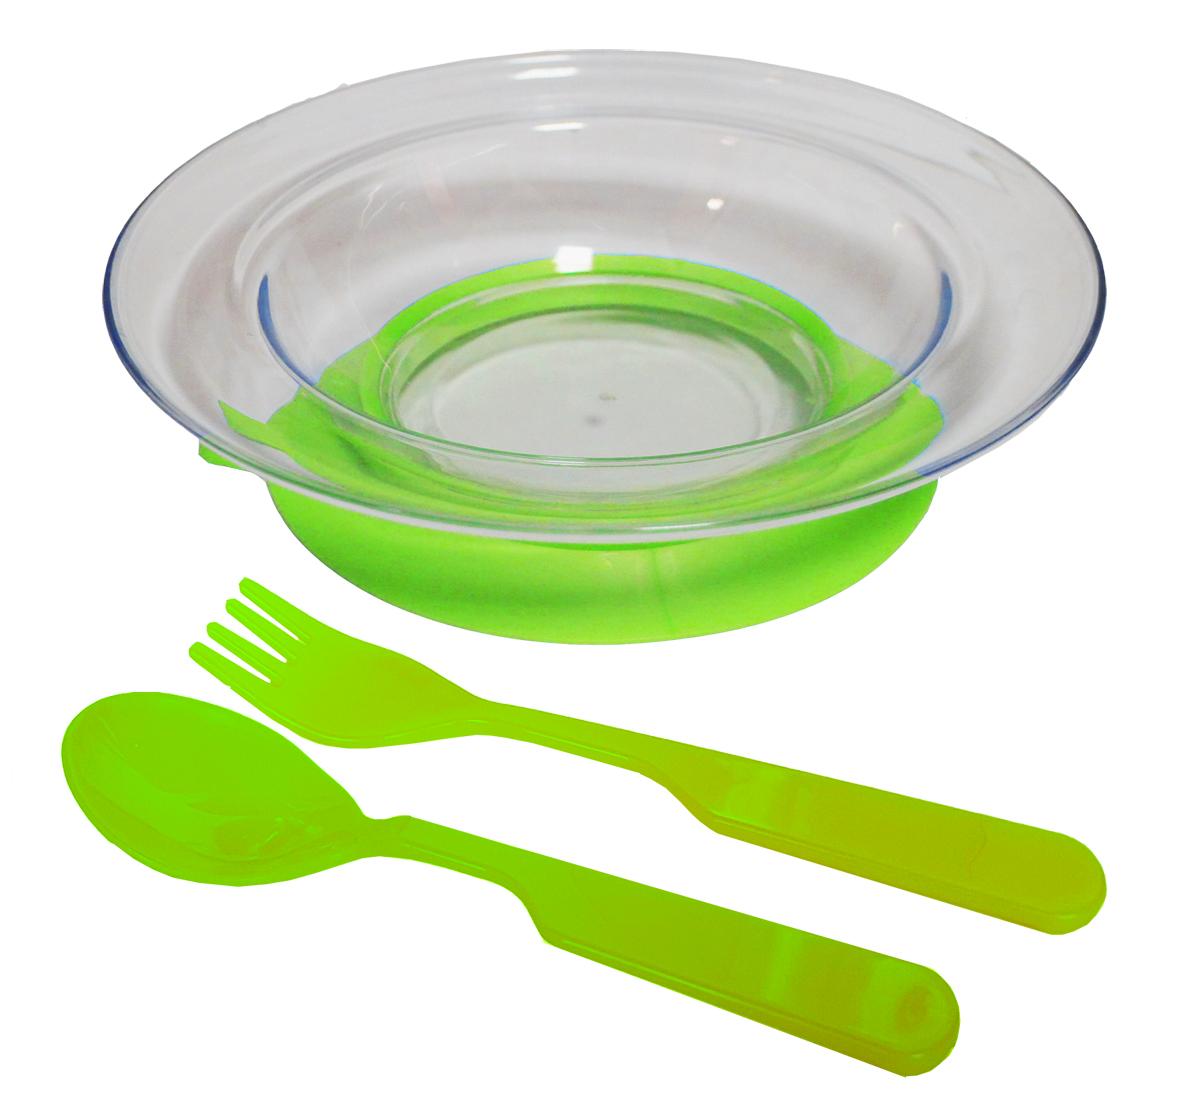 Набор детской посуды цвет салатовый 3 предмета 12141214салатНабор посуды из 3-х предметов, идеальный для начала самостоятельного питания малыша. Произведено в России из безопасного пищевого пластика. Форма изготовлена по лучшим европейским технологиям. Эргономичные и безопасные ложка-вилка. Глубокая тарелка на съемной присоске предотвращает скольжение по столу и переворачивание. Яркие цвета и удобная форма обеспечивают удовольствие от кормления. Можно мыть в посудомоечной машине и ставить в СВЧ (снять присоску с тарелки!).Тарелка х 1шт; Вилка для малыша дошкольного возраста х 1 шт; Ложка для малыша дошкольного возраста х 1 шт.